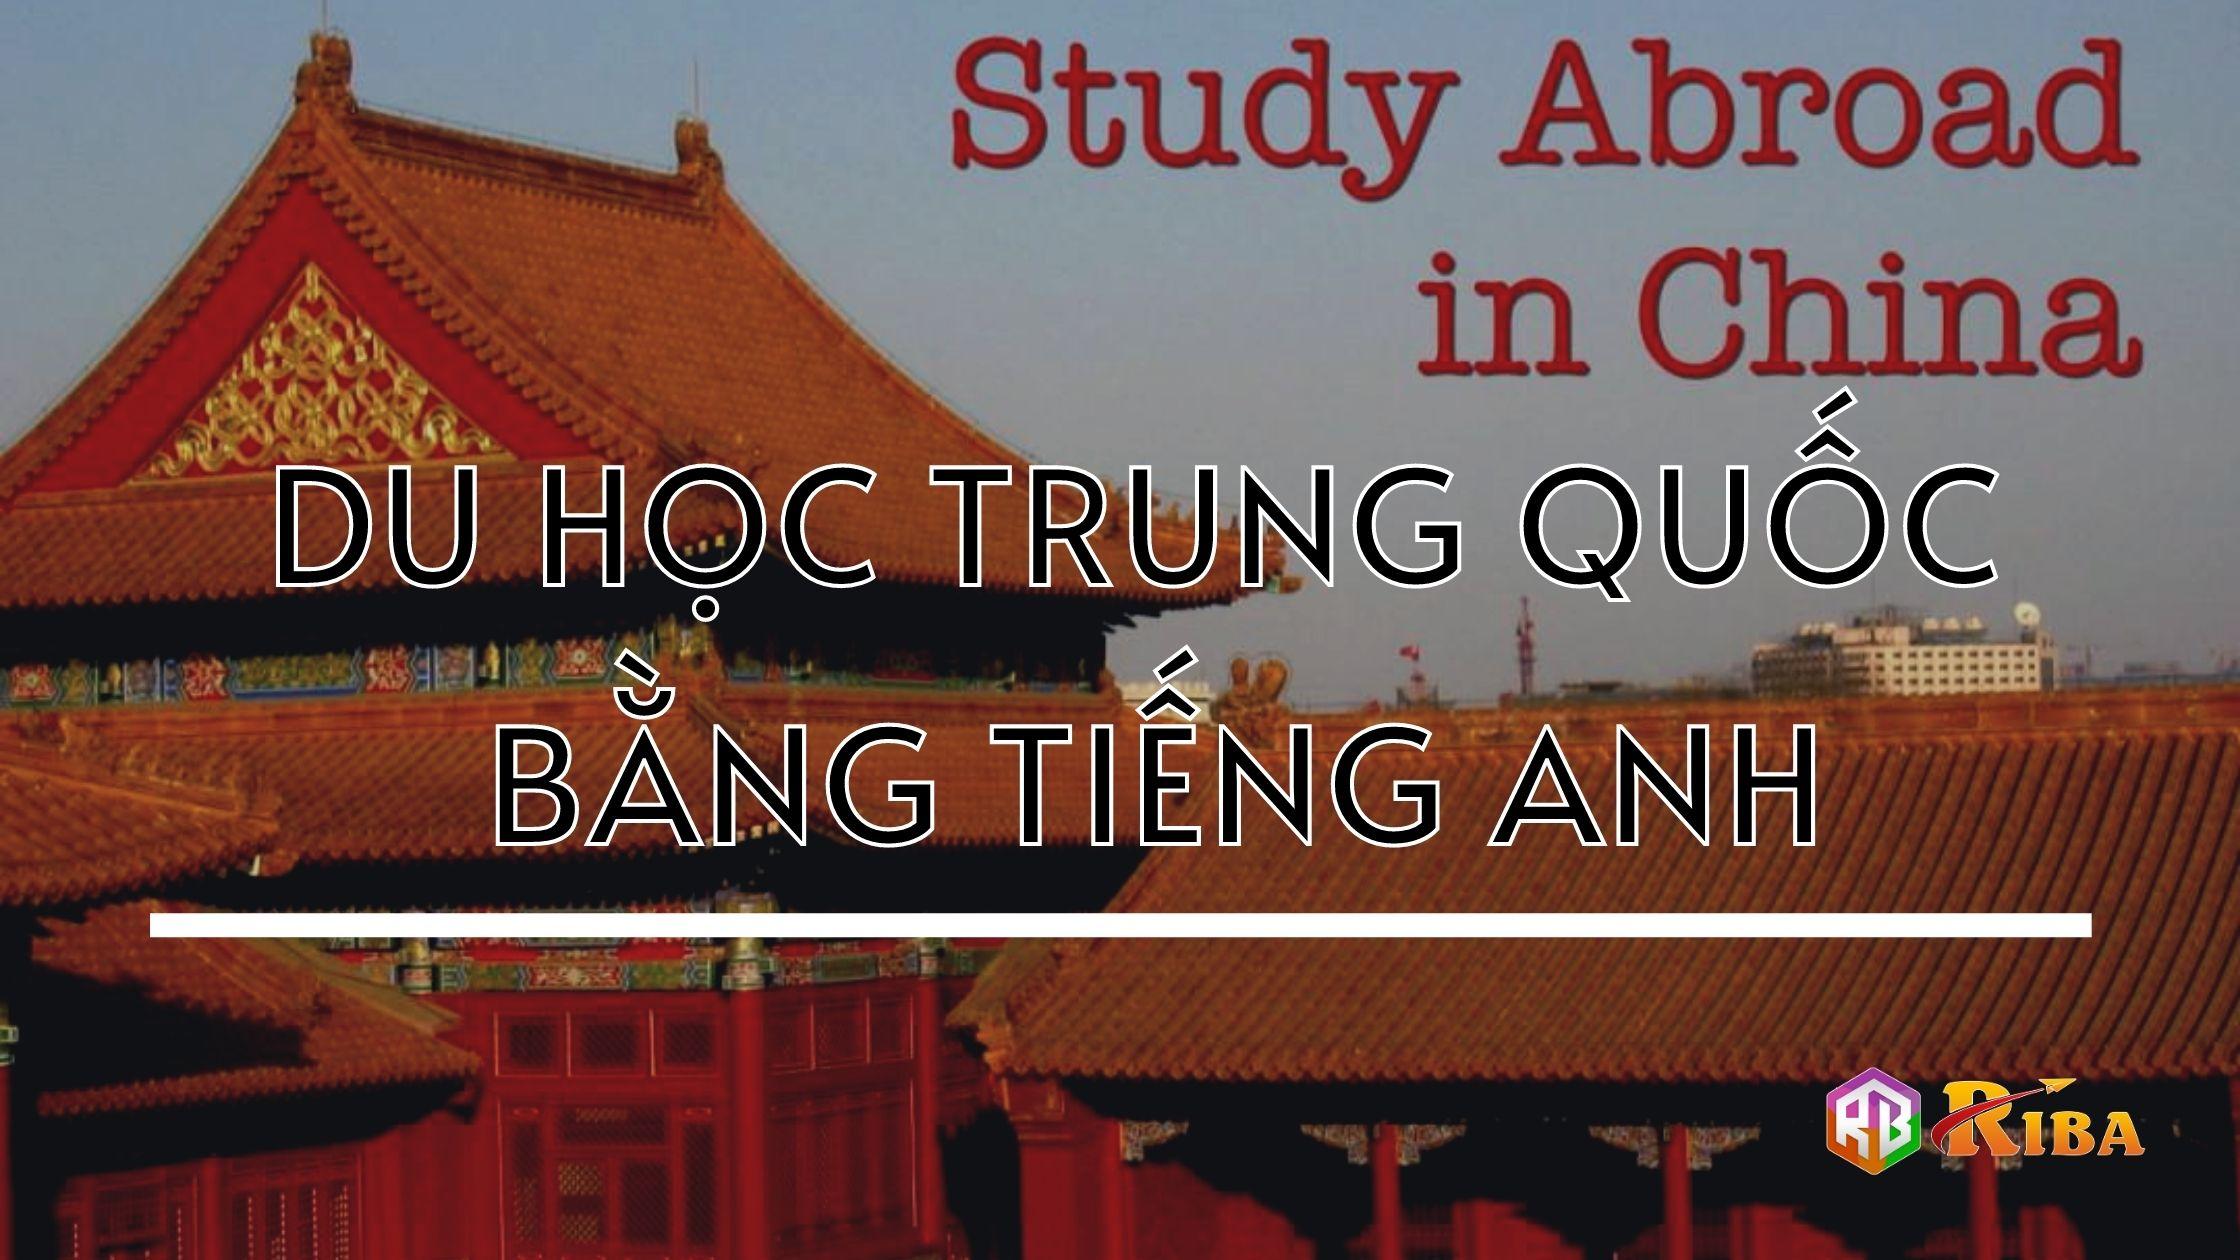 Du Học Trung Quốc Bằng Tiếng Anh